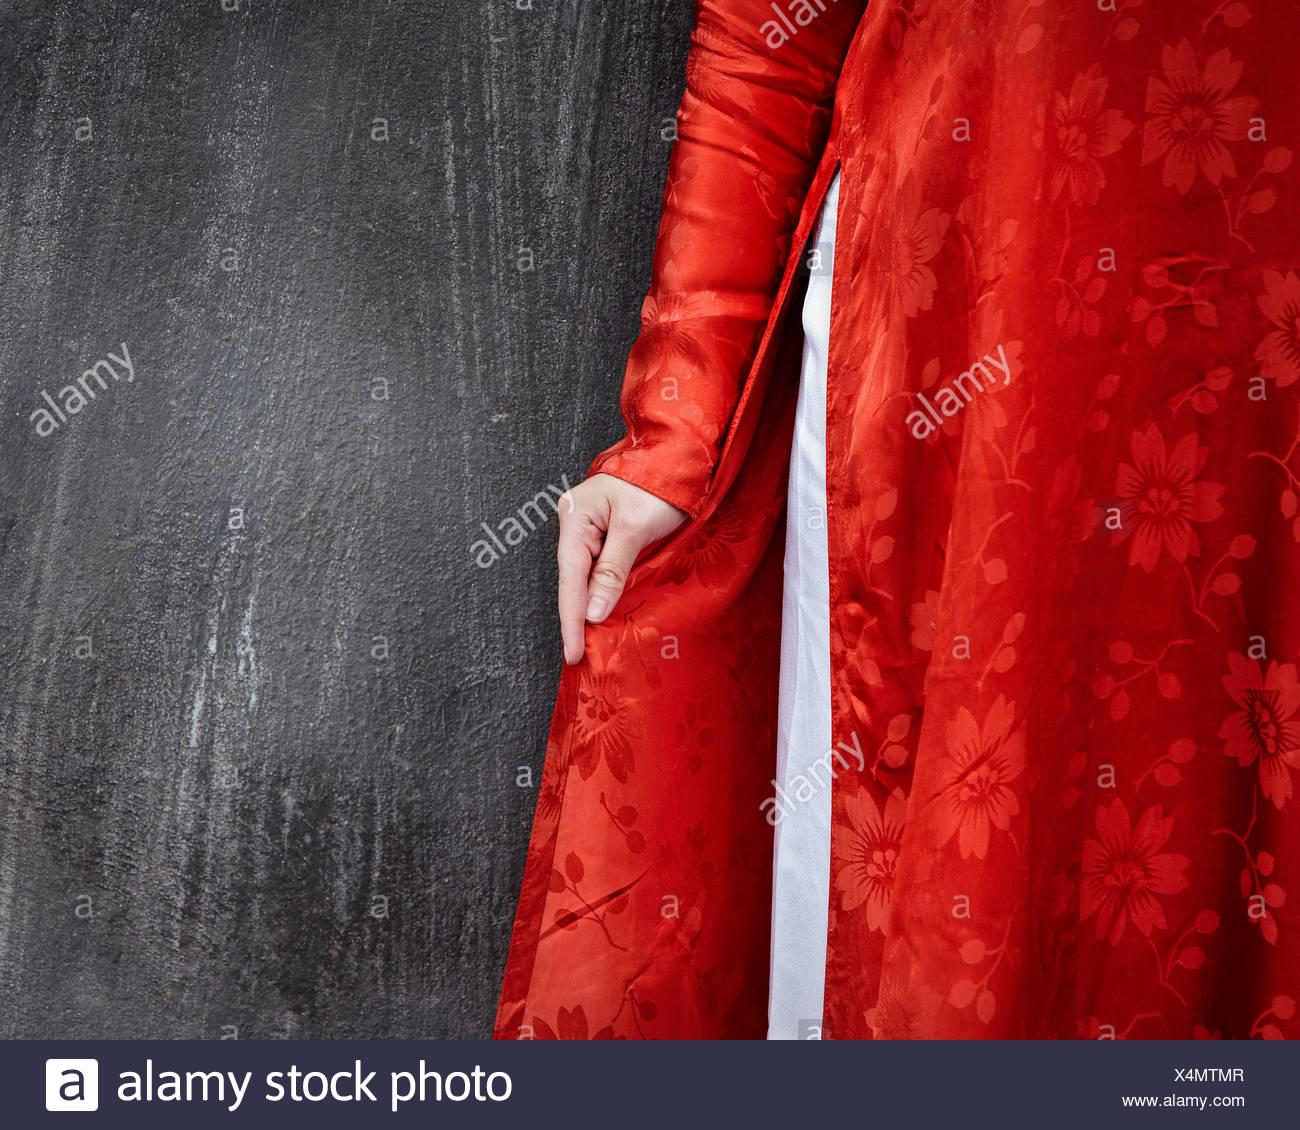 14b0c37fad40 Un dettaglio bella rossa ao dai tradizionale vietnamita di donna in abito  grigio anteriore parete.